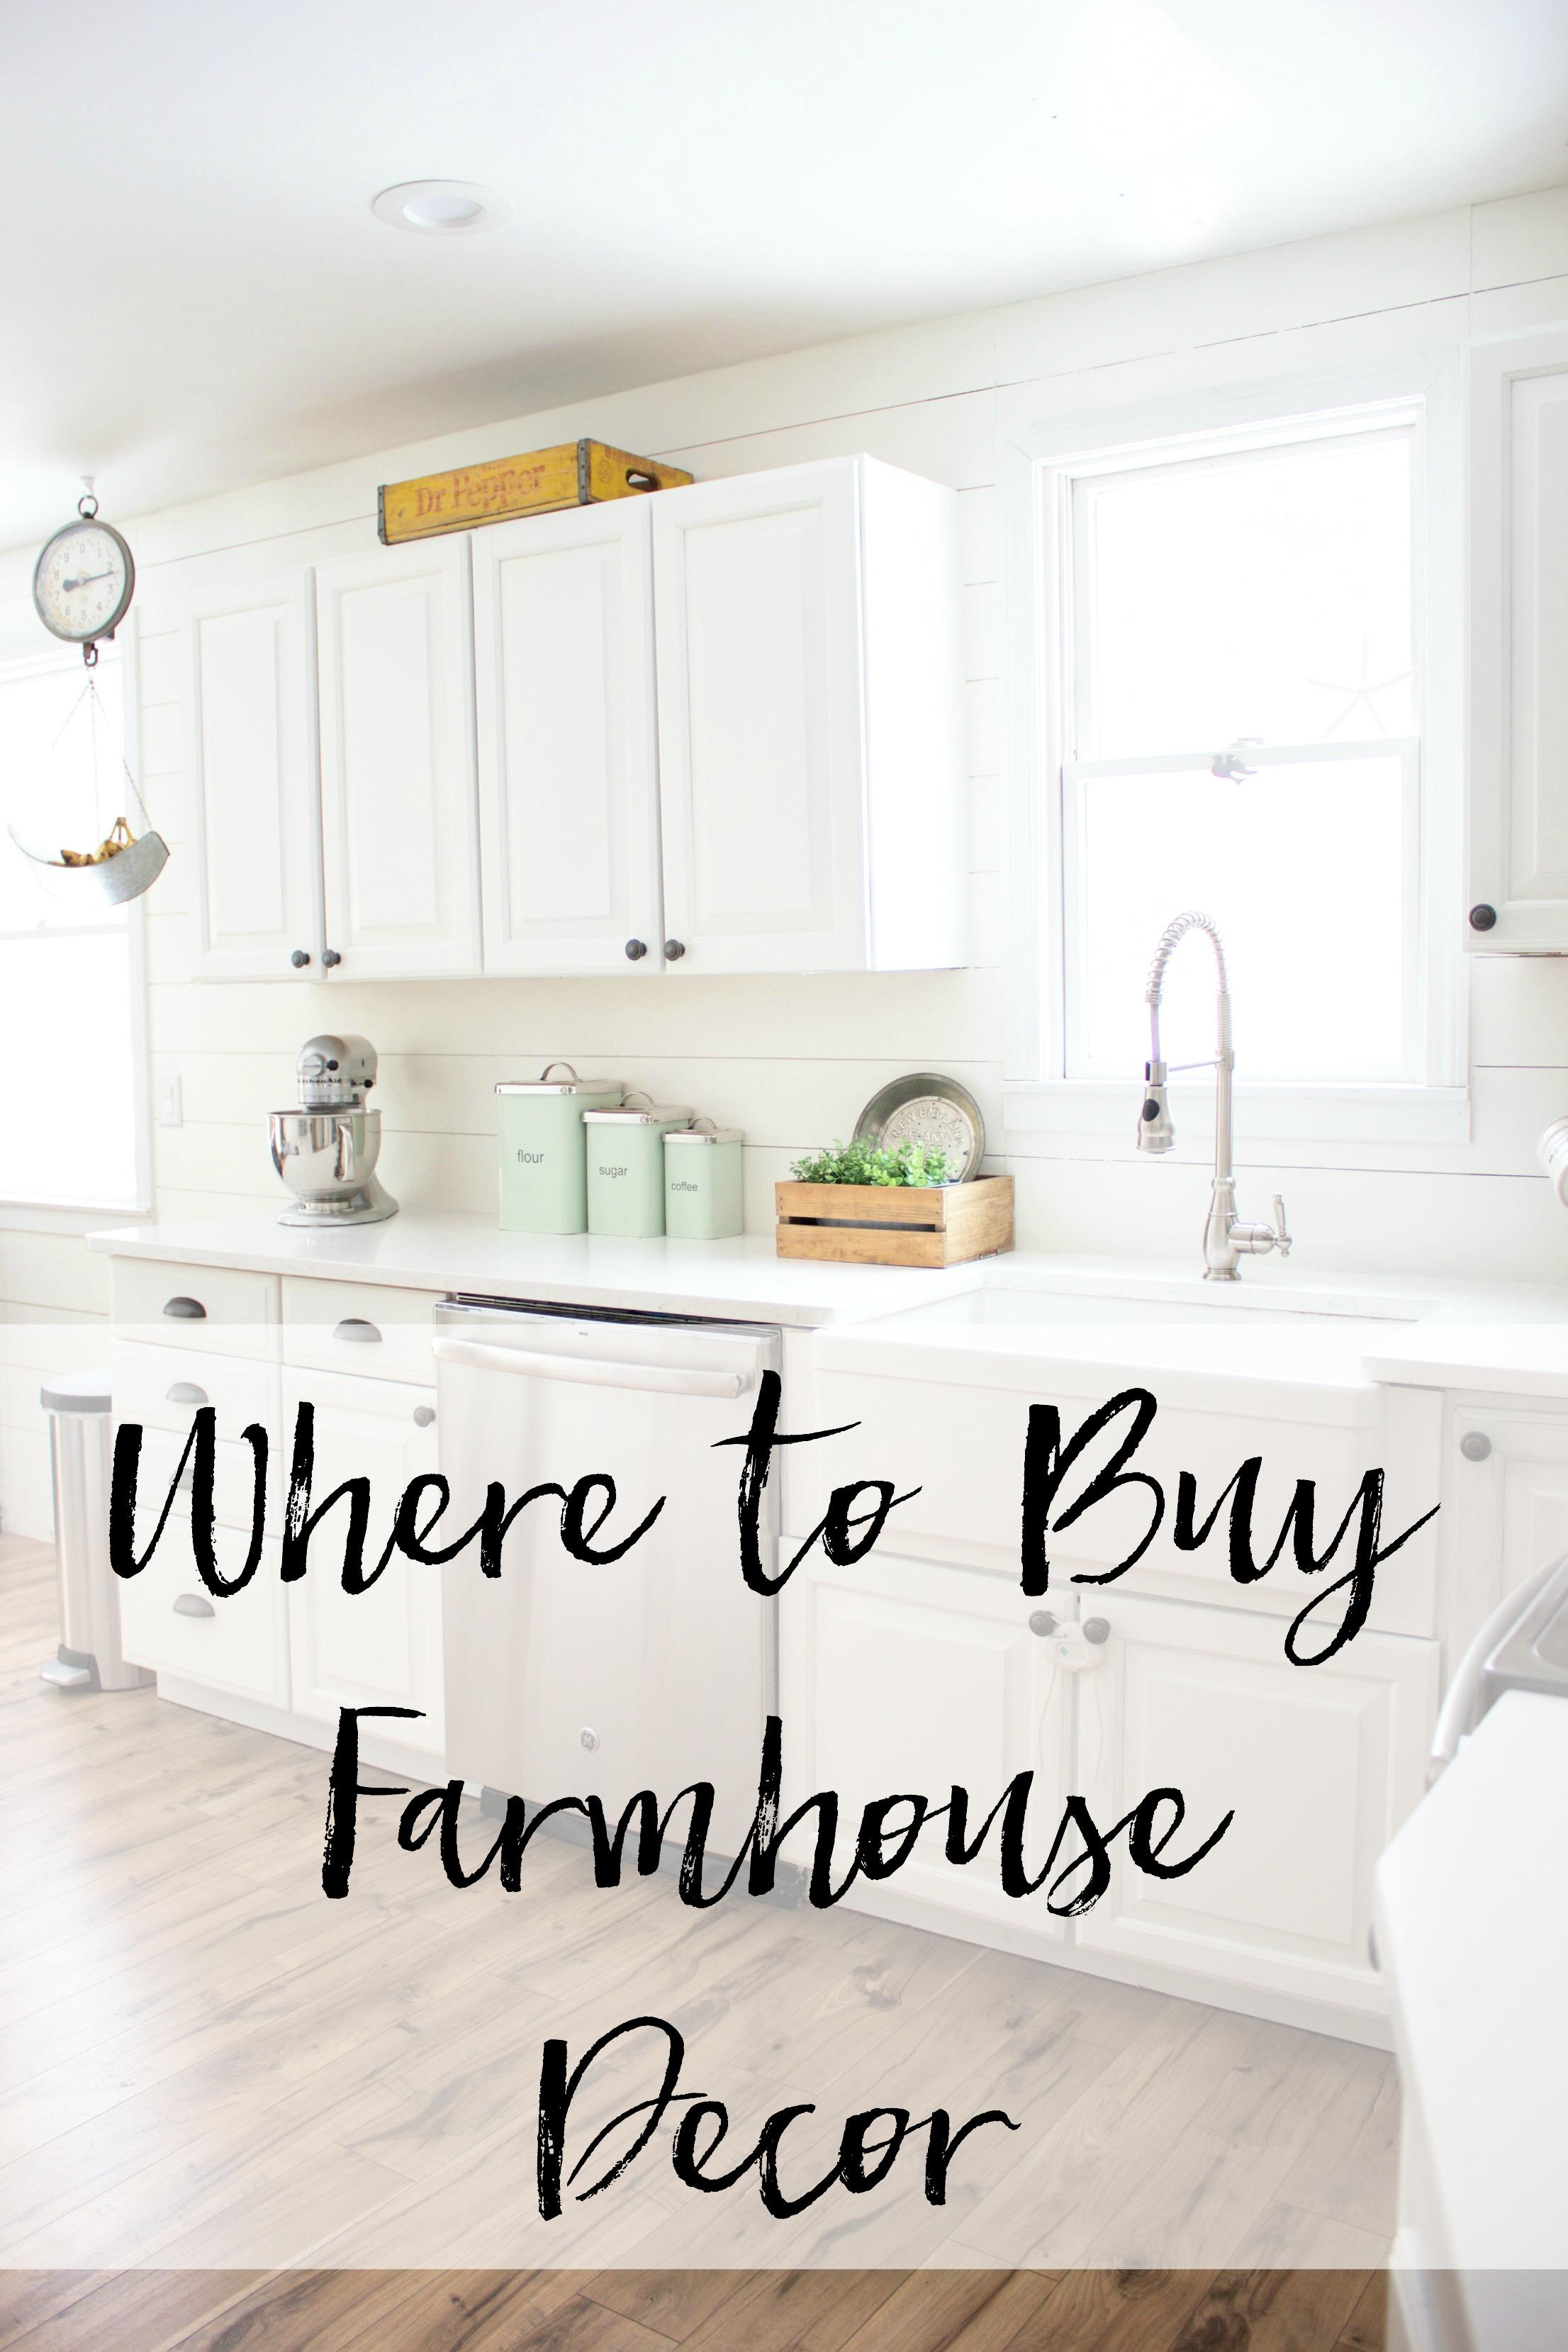 Where to Buy Farmhouse Decor - Lauren McBride